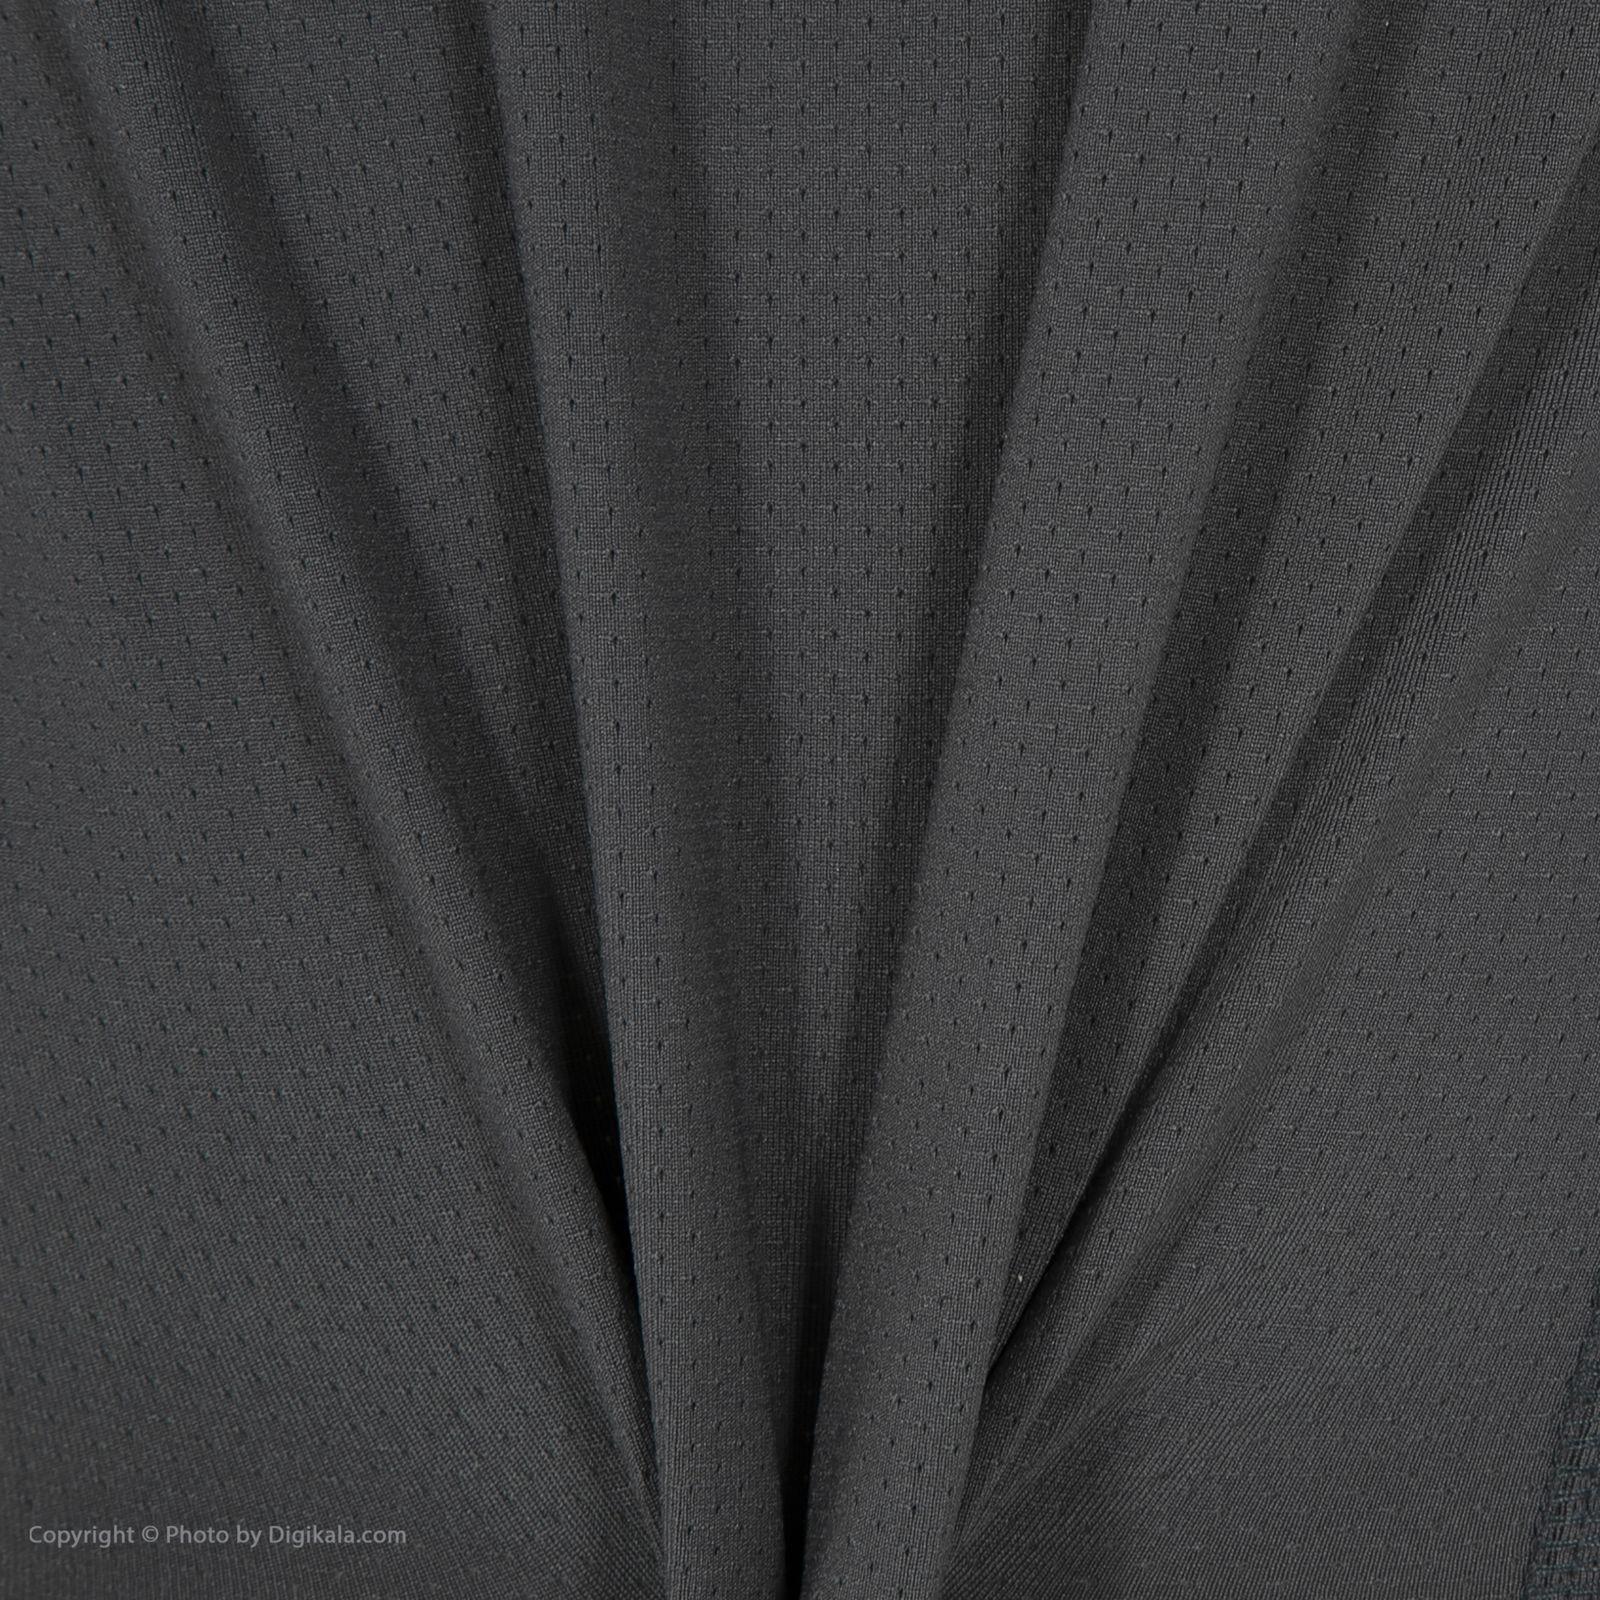 تی شرت ورزشی مردانه بی فور ران مدل 990311-94 -  - 4